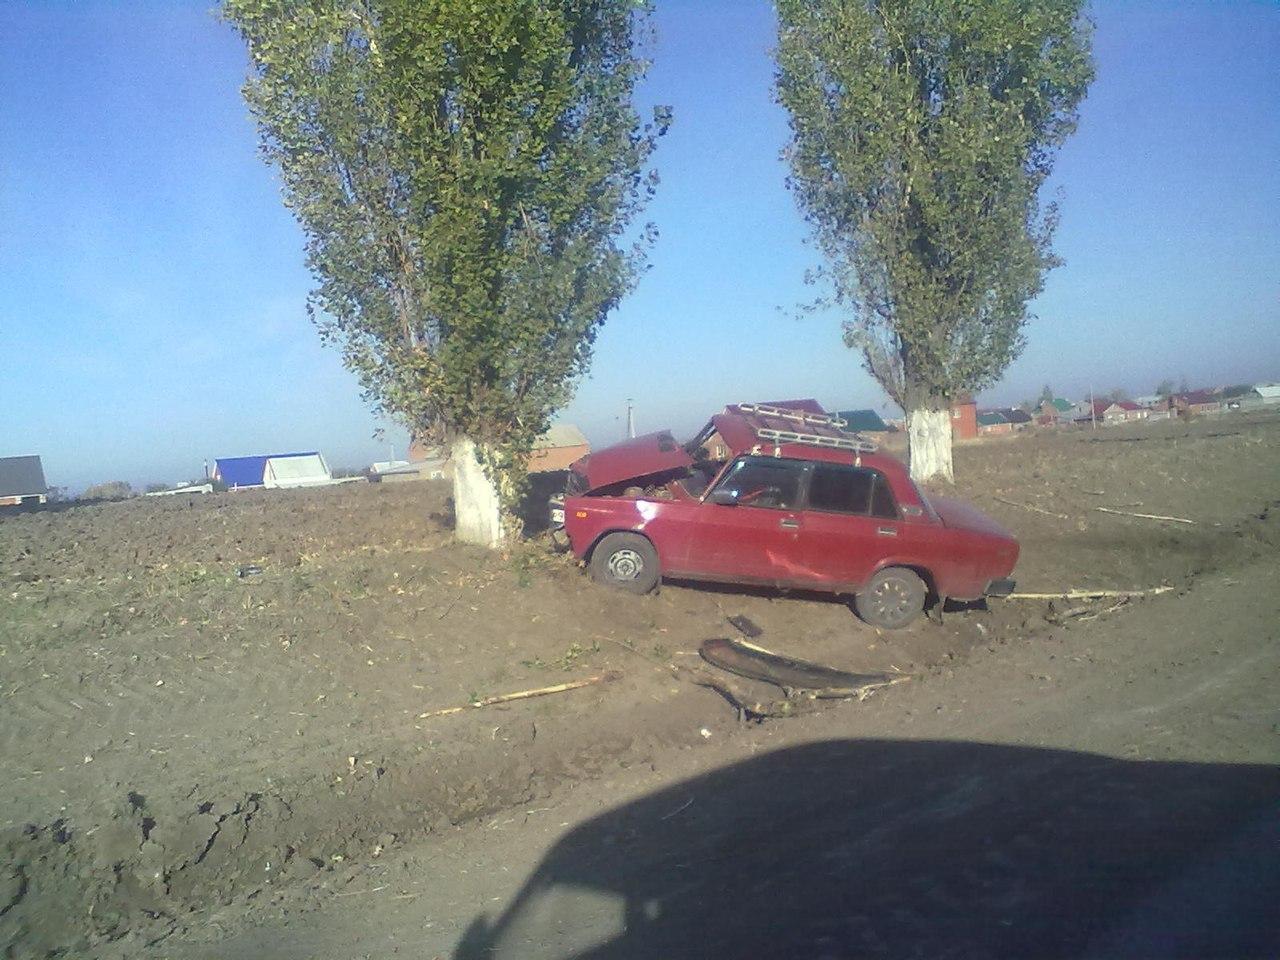 ДТП под Таганрогом: столкнулись Audi 80 и «Ваз-21053», есть пострадавшие